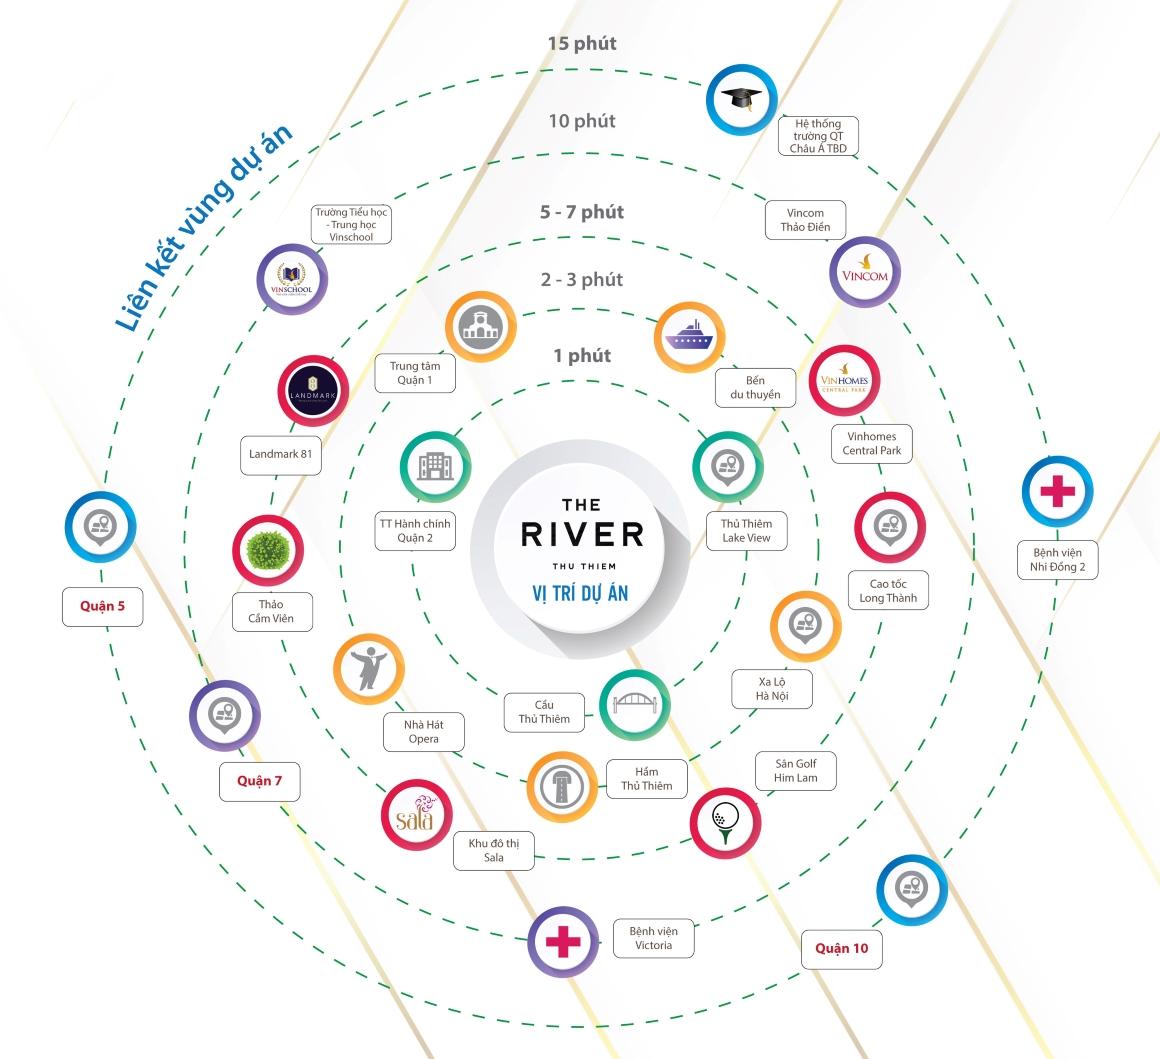 Liến kết vùng dự án THE RIVER THỦ THIÊM